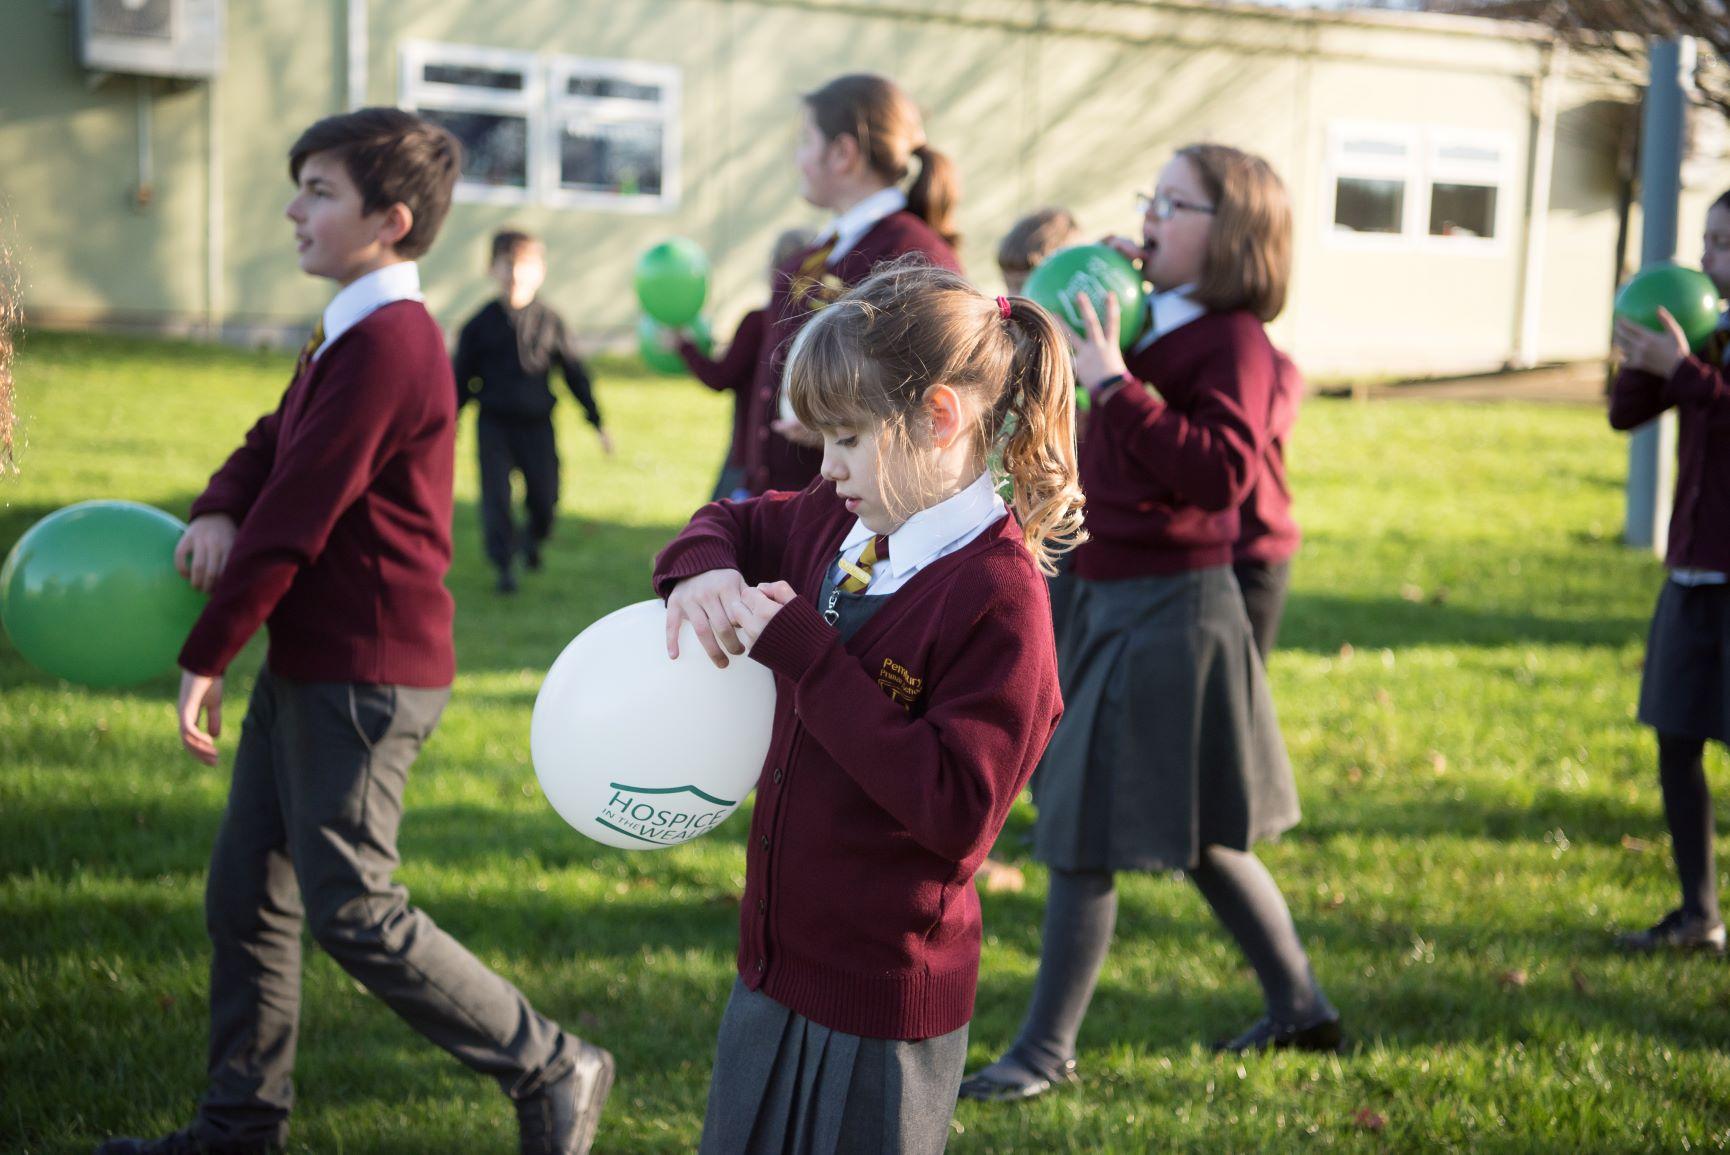 School Children Blowing up Balloons